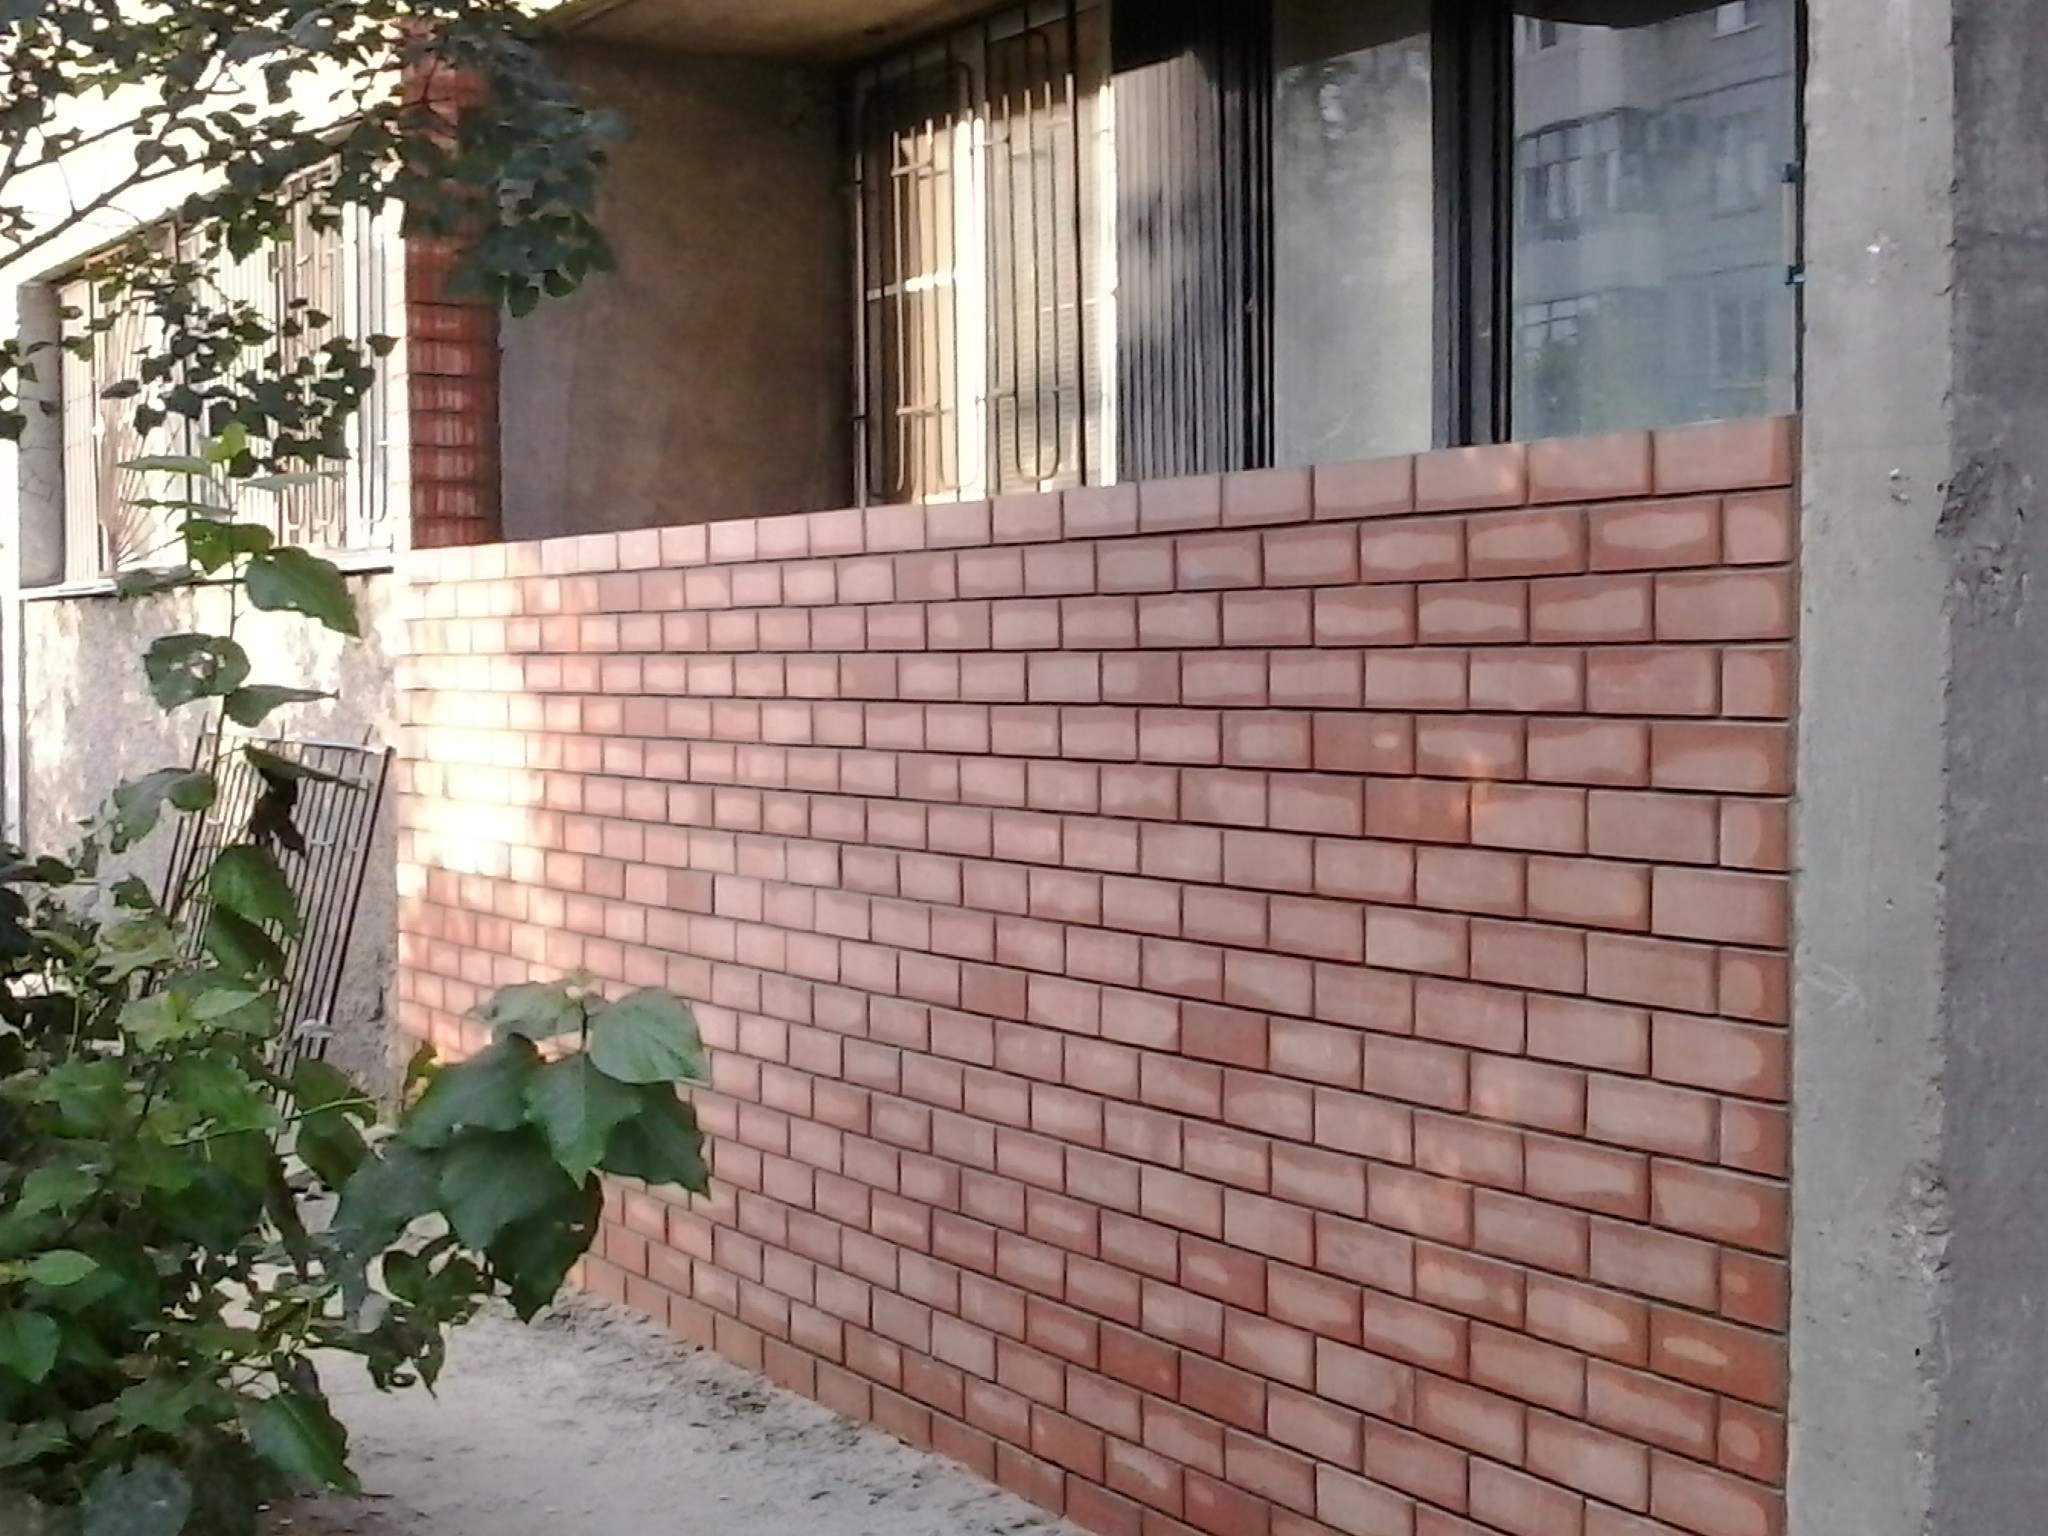 Кладка балкона из кирпича - порядок выполнения работ.